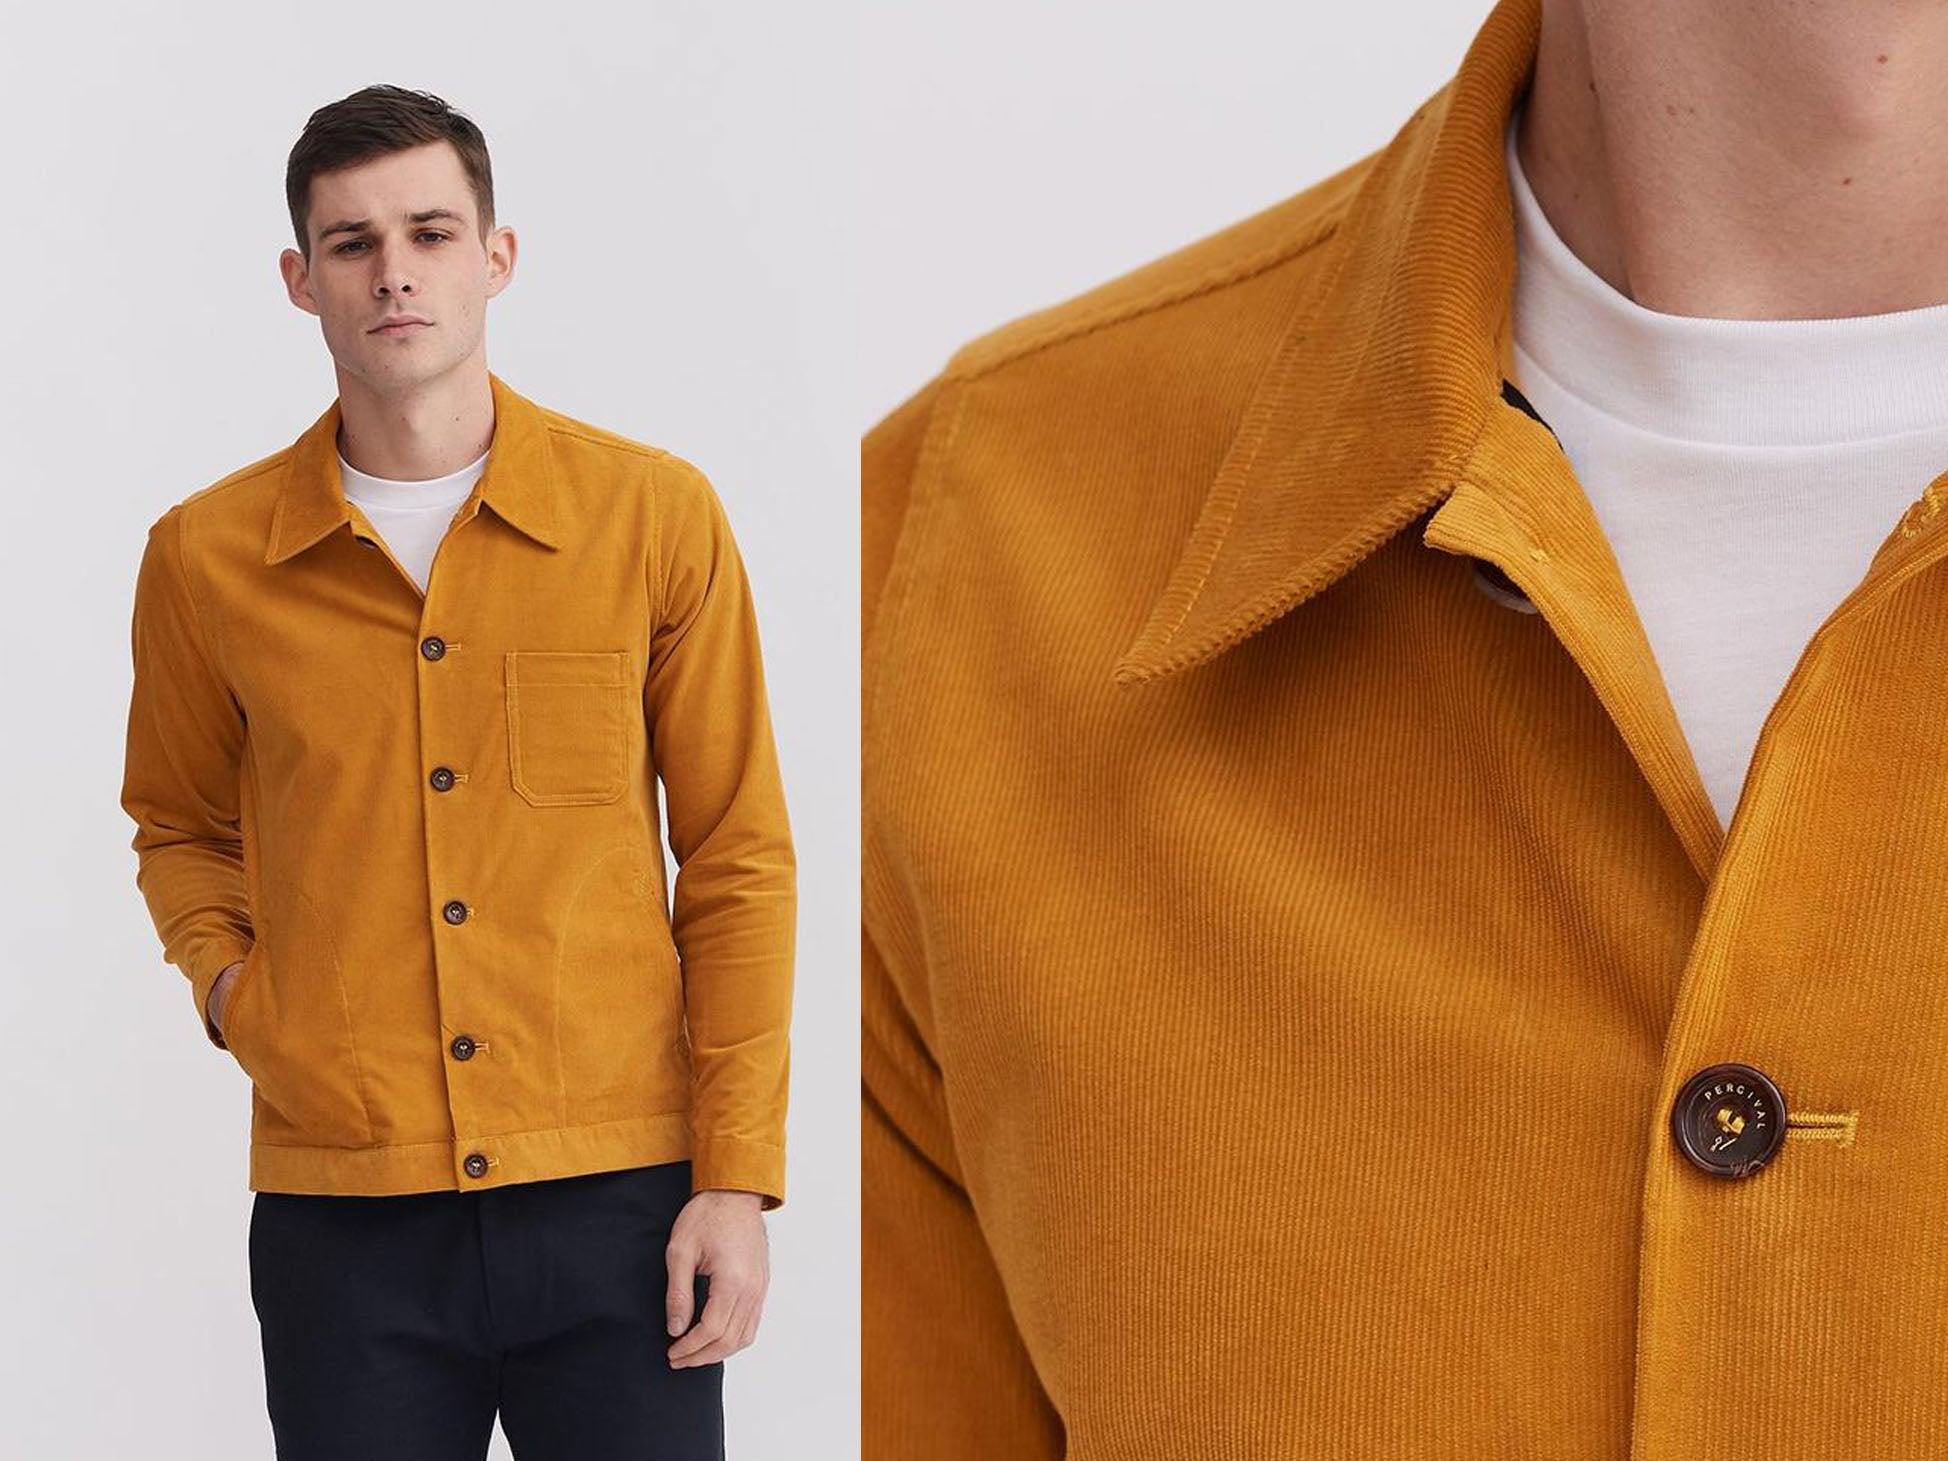 ShopsFrom To Designer Best Online Vintage Sustainable Clothes FlKJc1